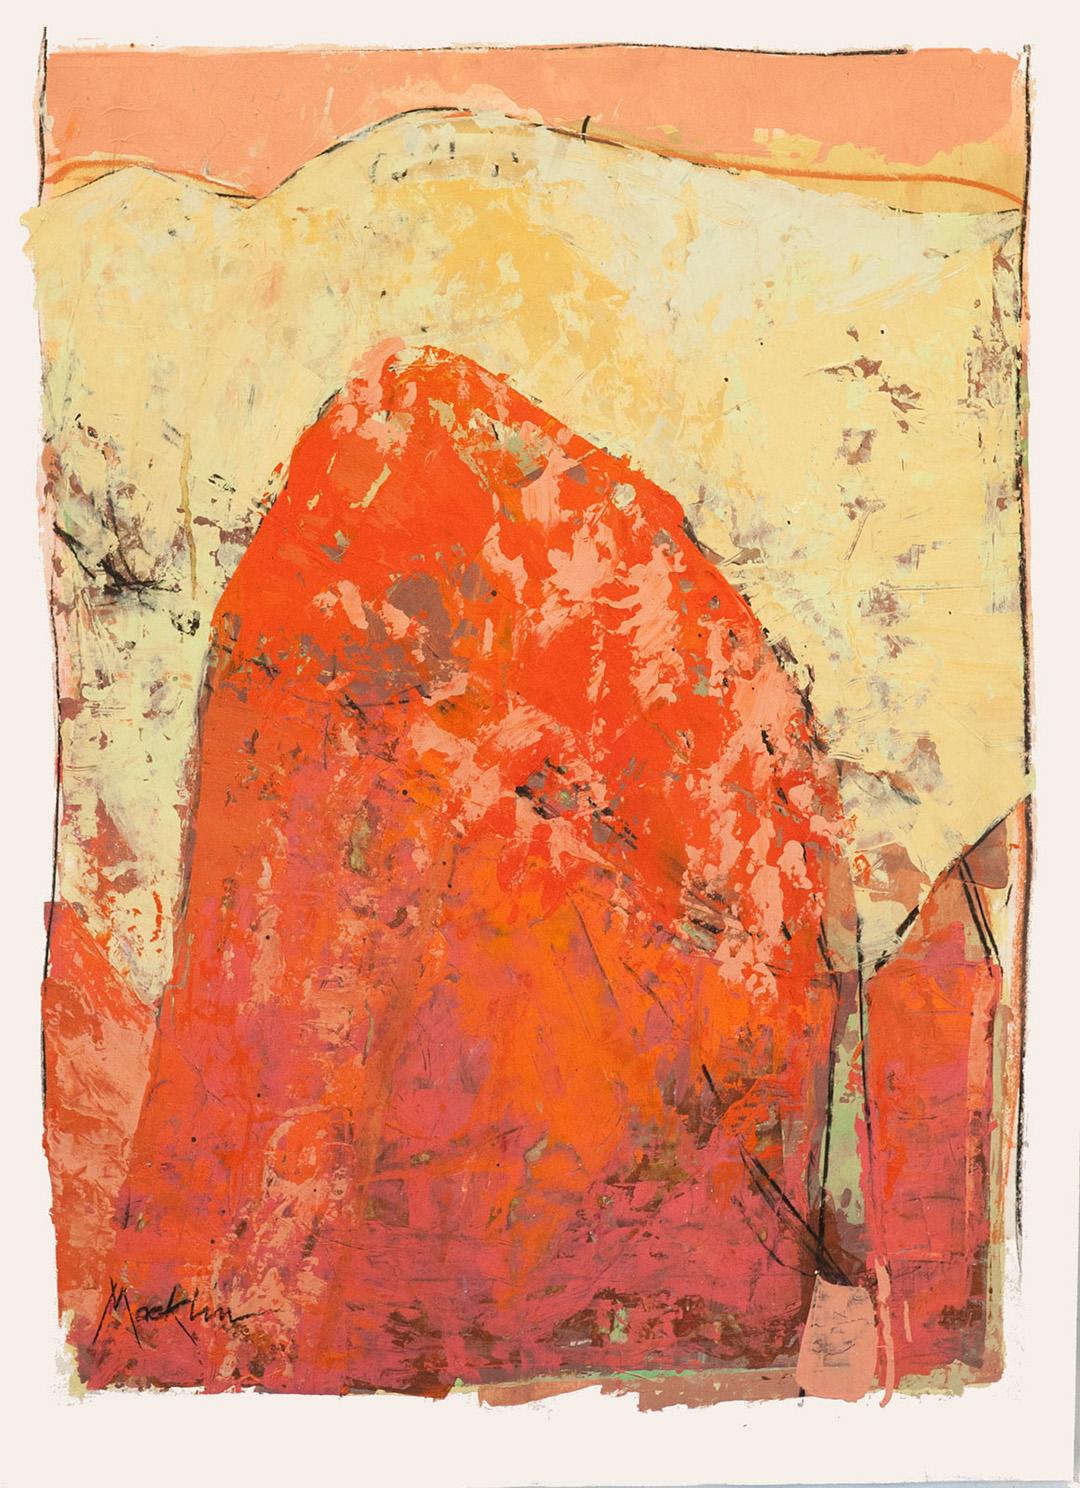 unfinished journey to sunshine rock #3